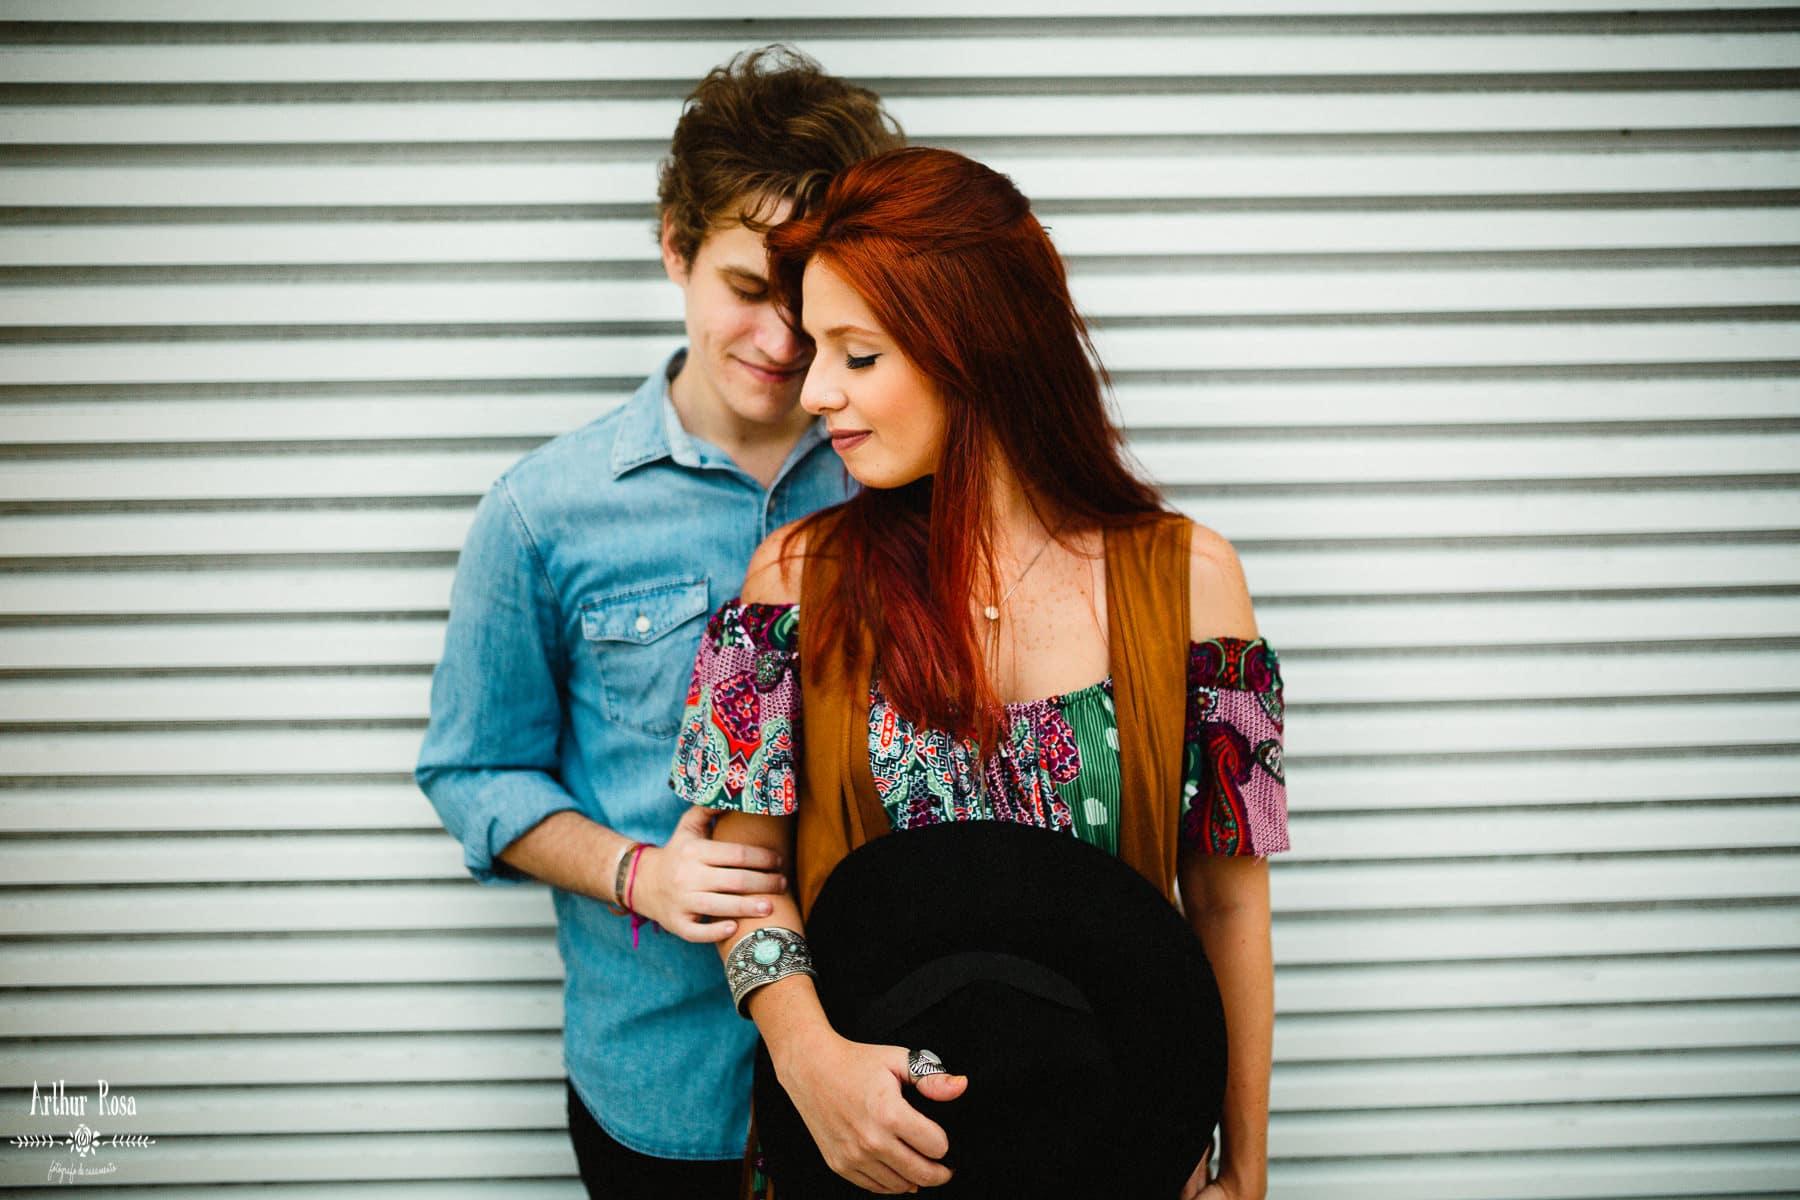 fotos de casal descolado